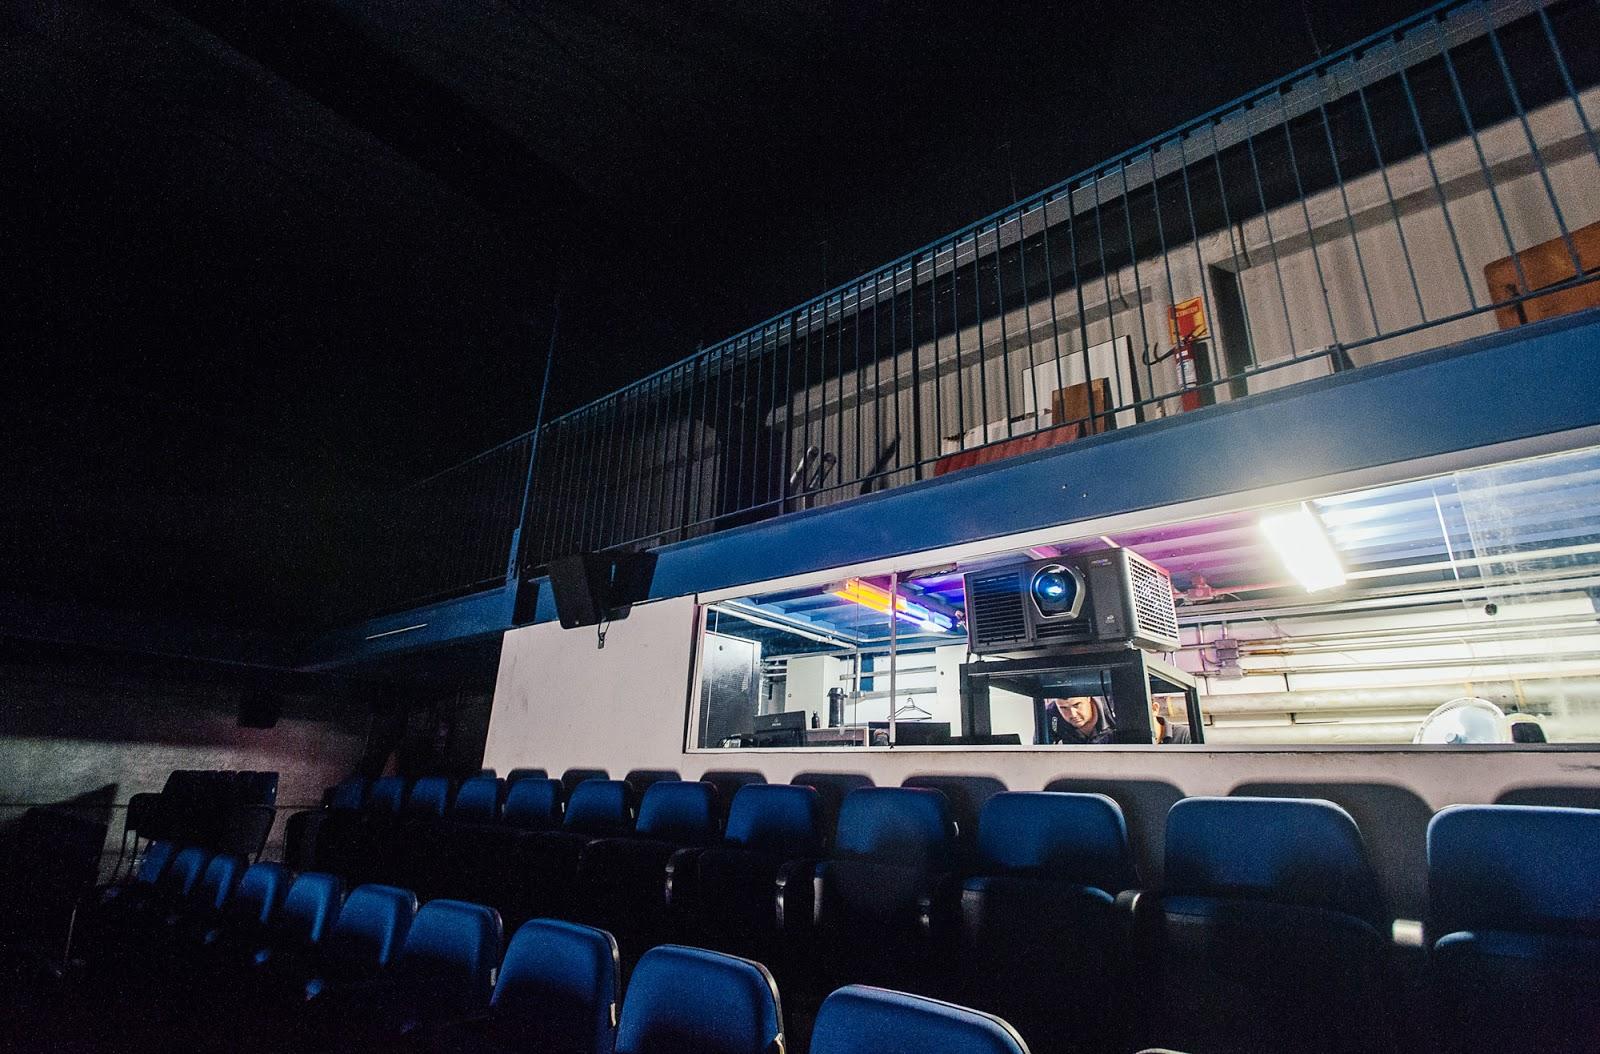 Circuito Cinema Sp : Salas de cinema de sÃo paulo inauguradas as primeiras salas do